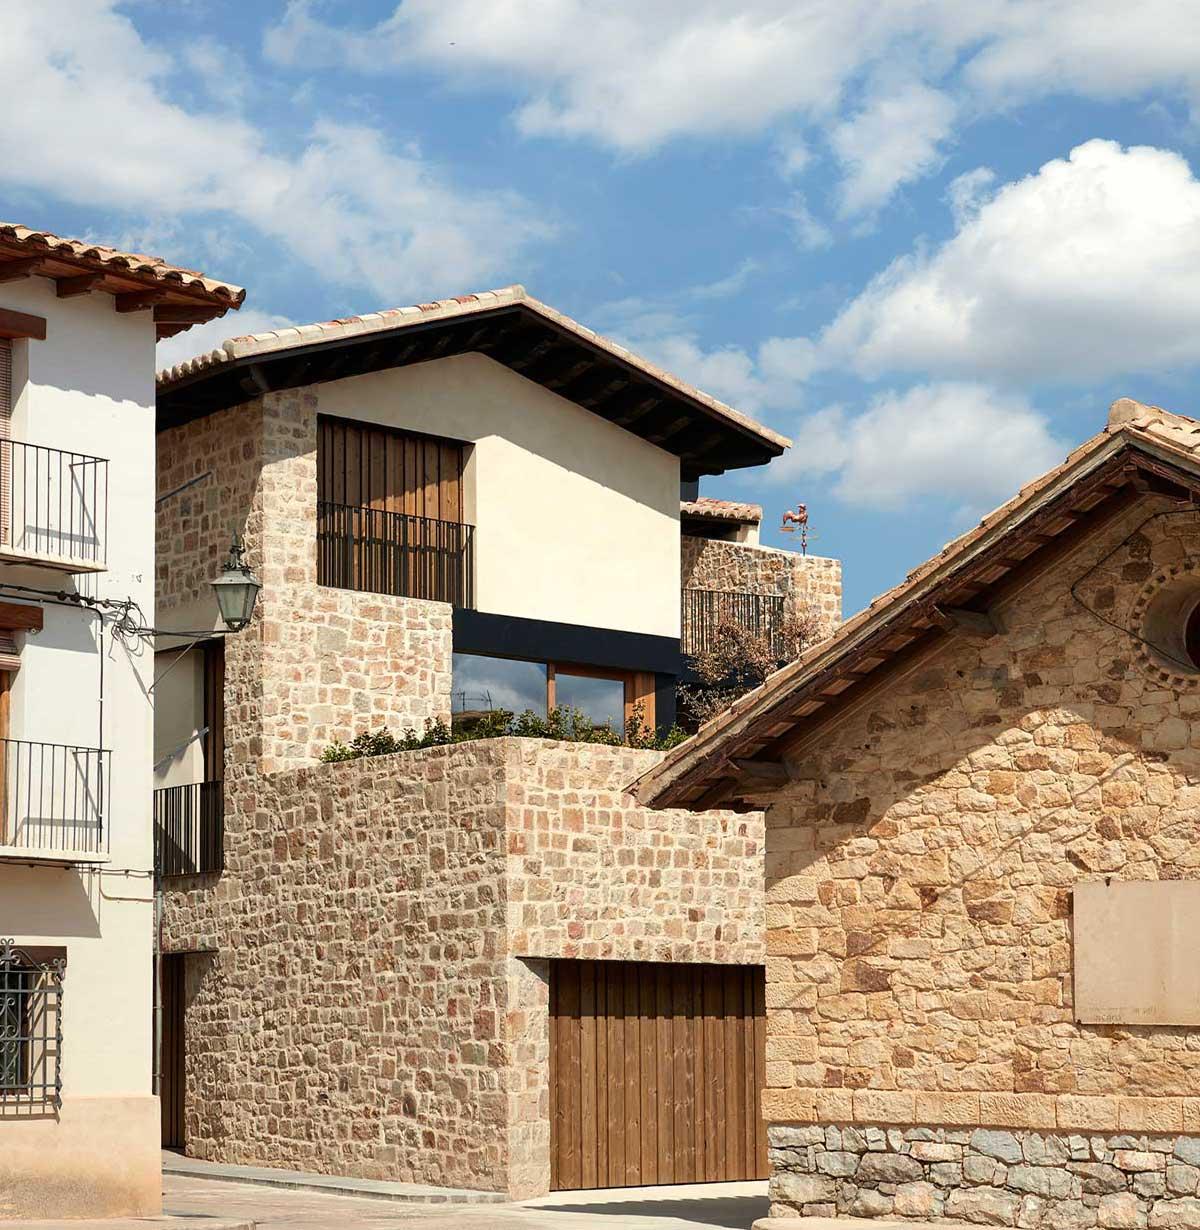 A casa localiza-se em Teruel